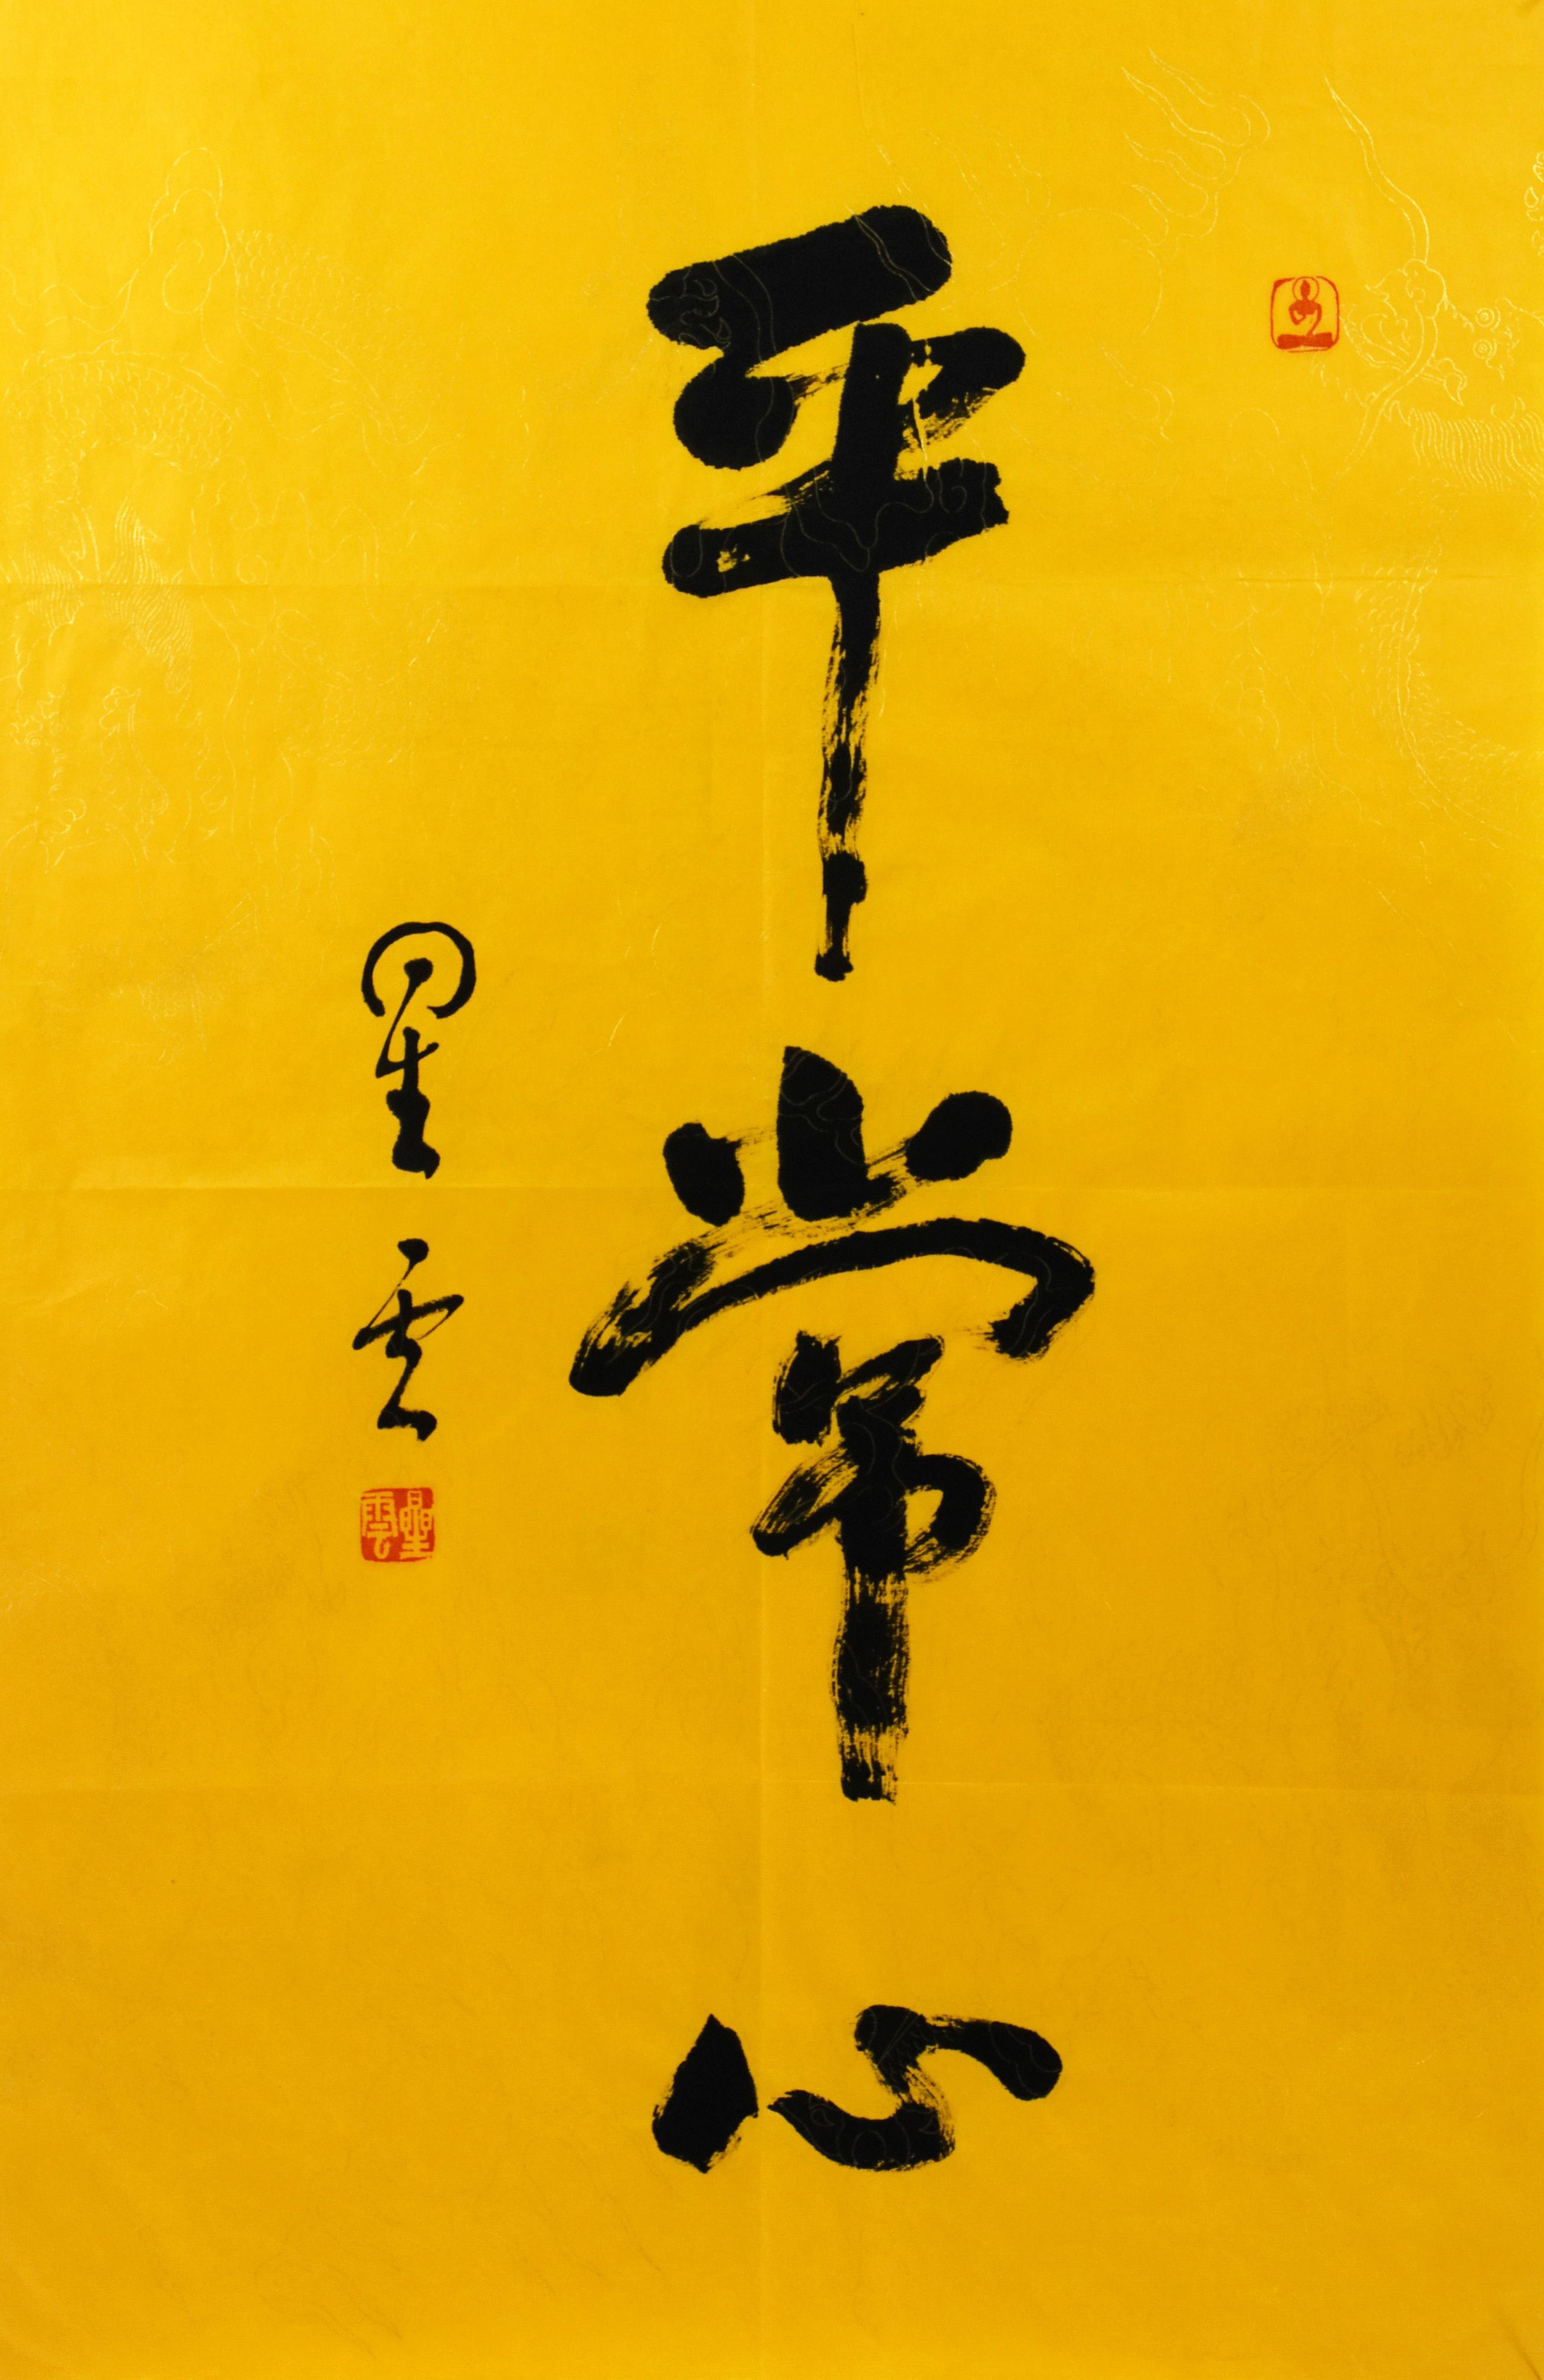 拼多多创始人黄铮自述:我为什么要再次创业?